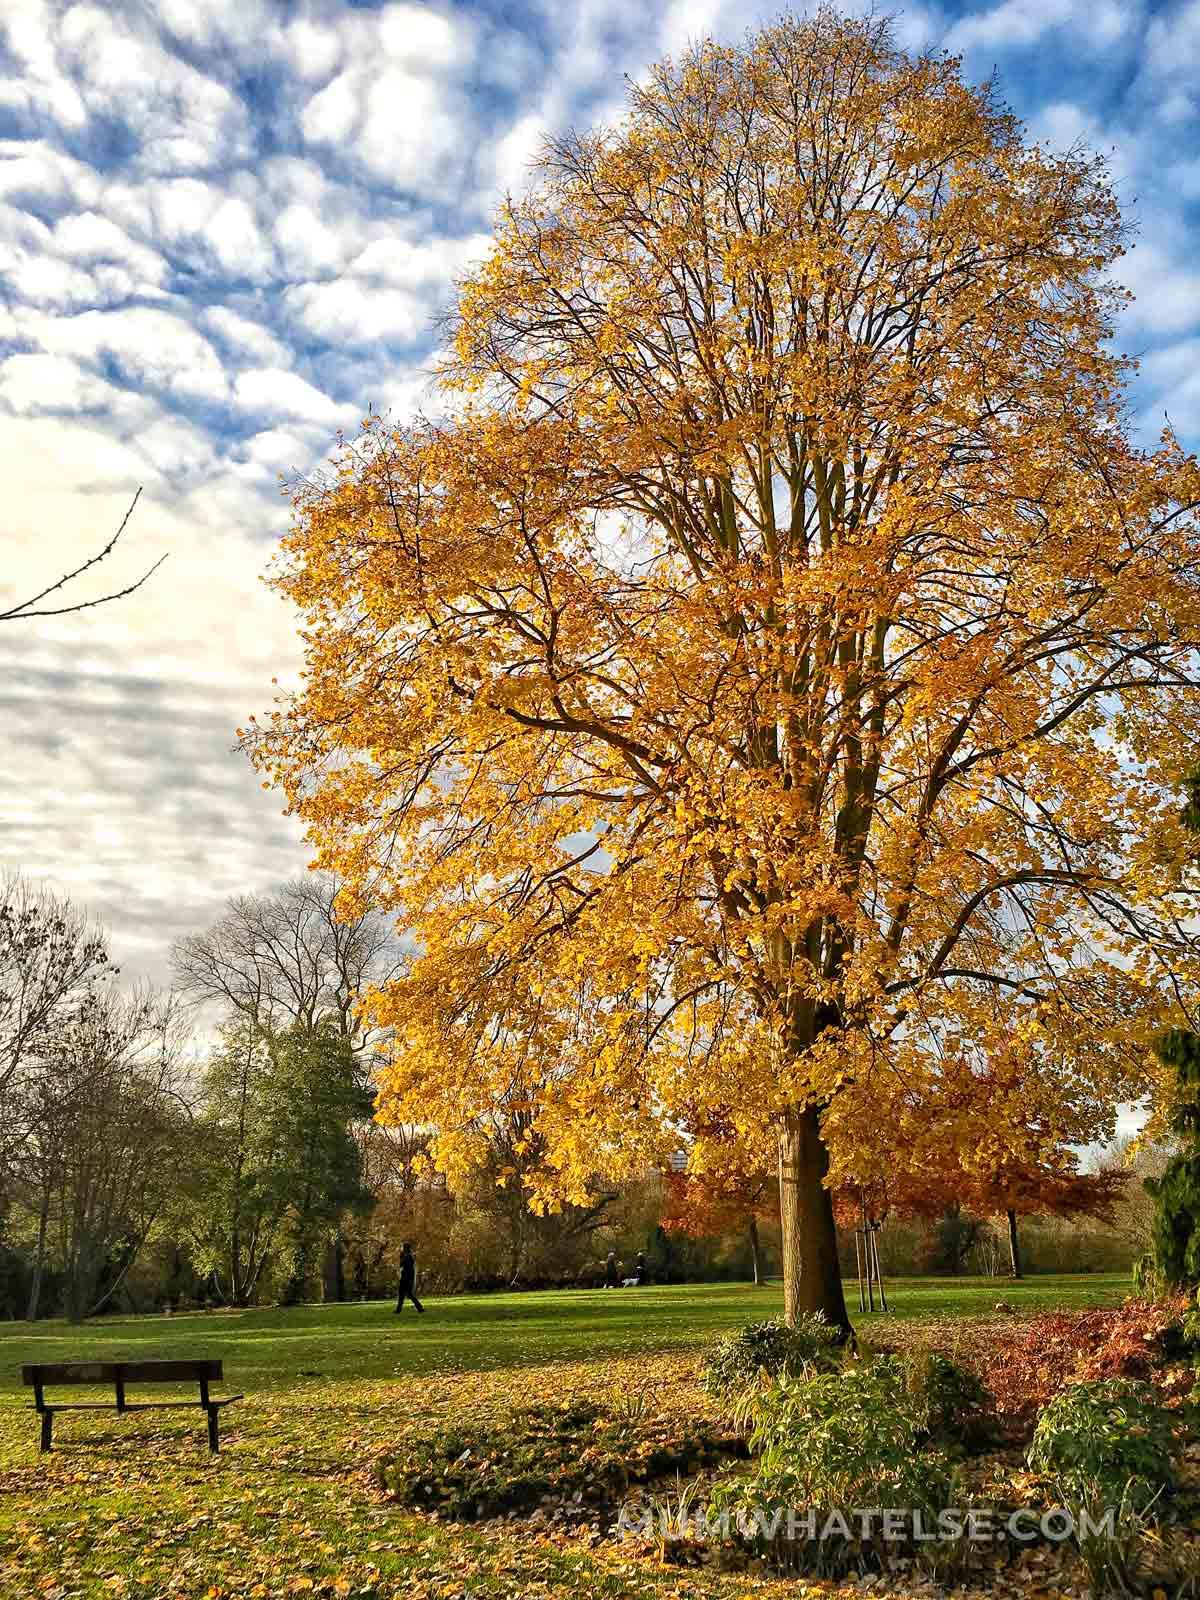 un grande albero in primo piano con le foglie gialle in un parco e vicino una panchina